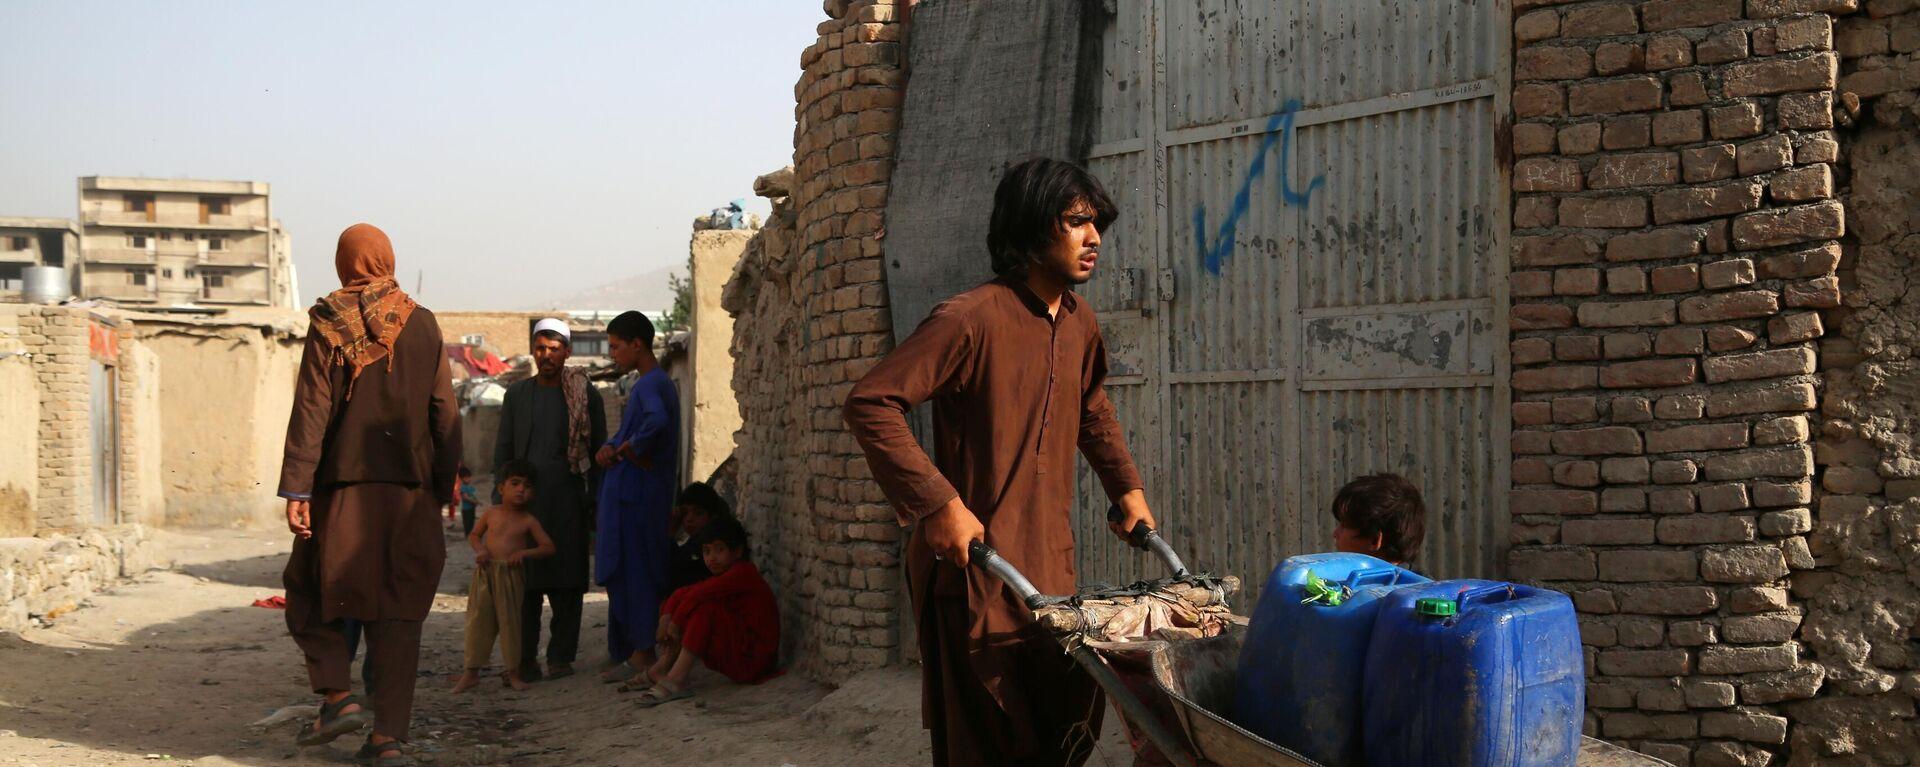 Menschen auf einer Straße in Kabul - SNA, 1920, 26.07.2021